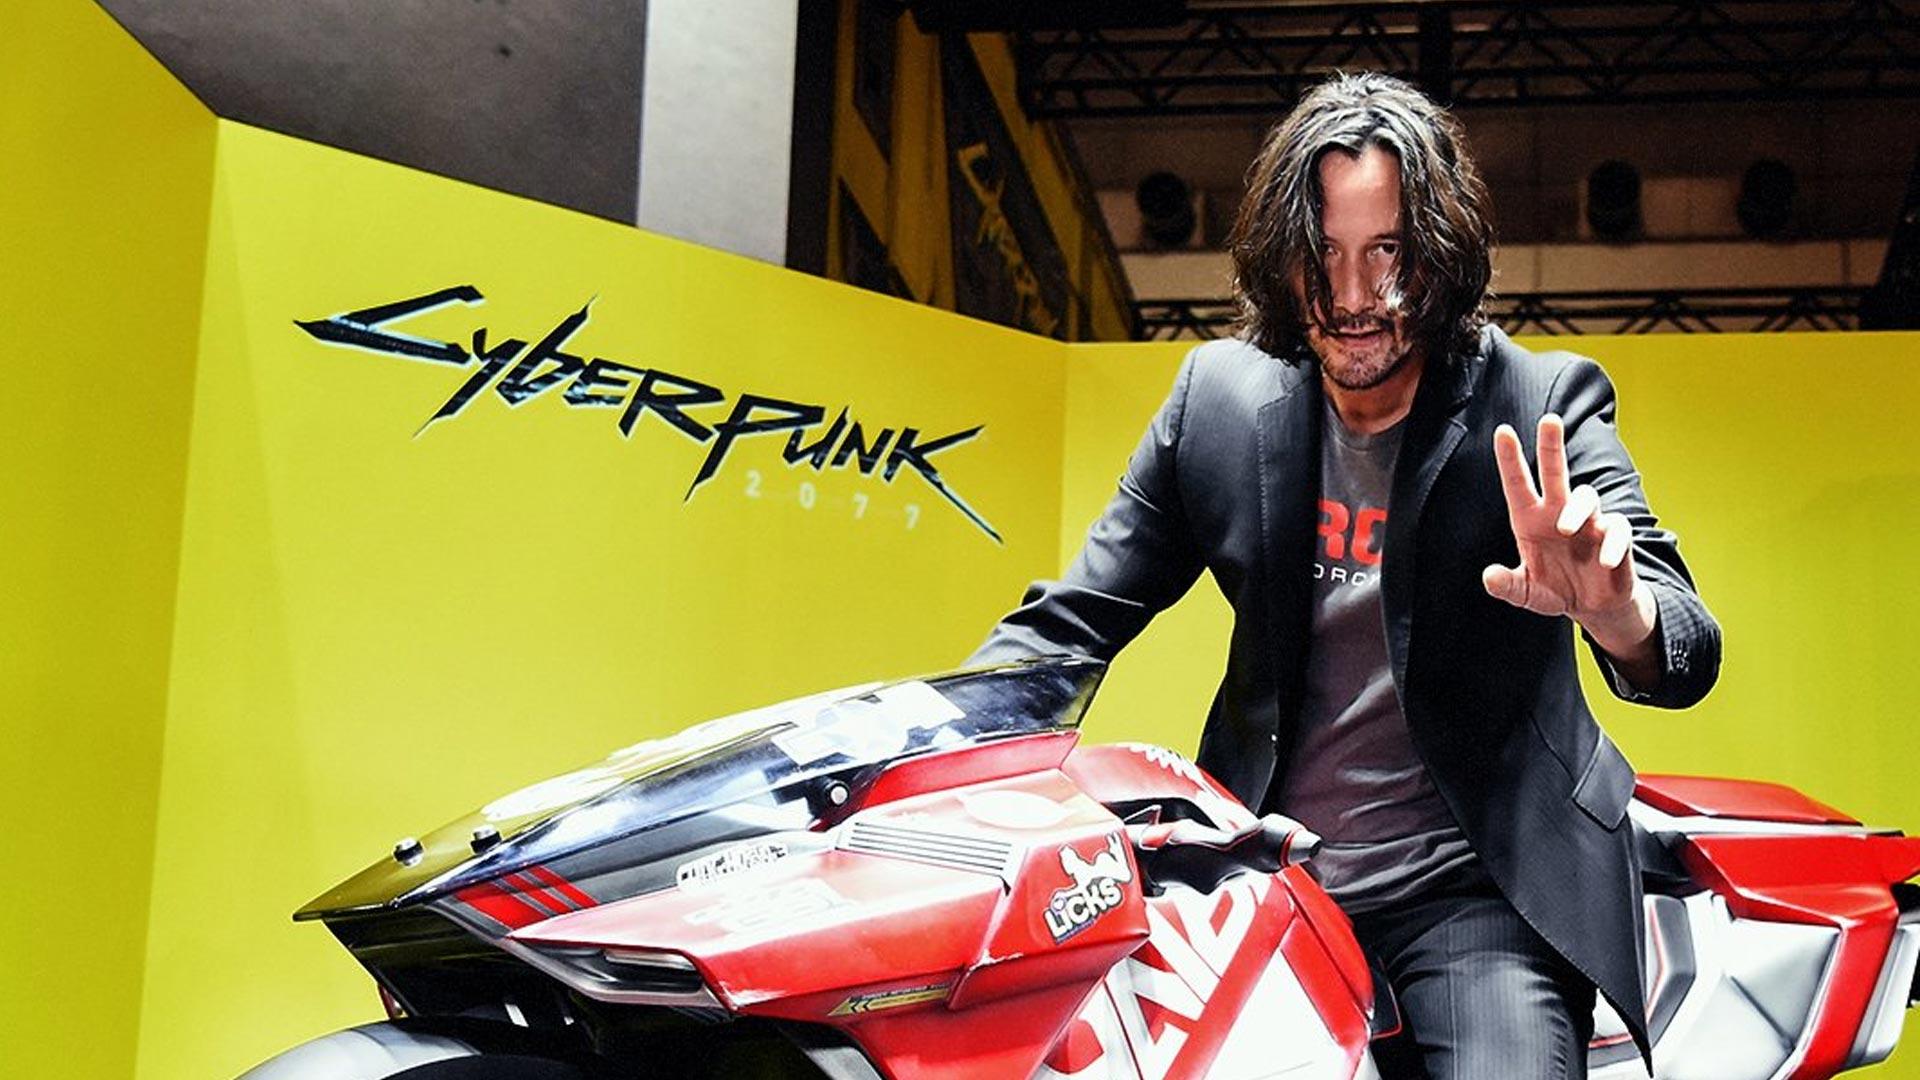 Breathtaking in JAPAN! Keanu Reeves แวะบูธ Cyberpunk 2077 ในงาน TGS2019